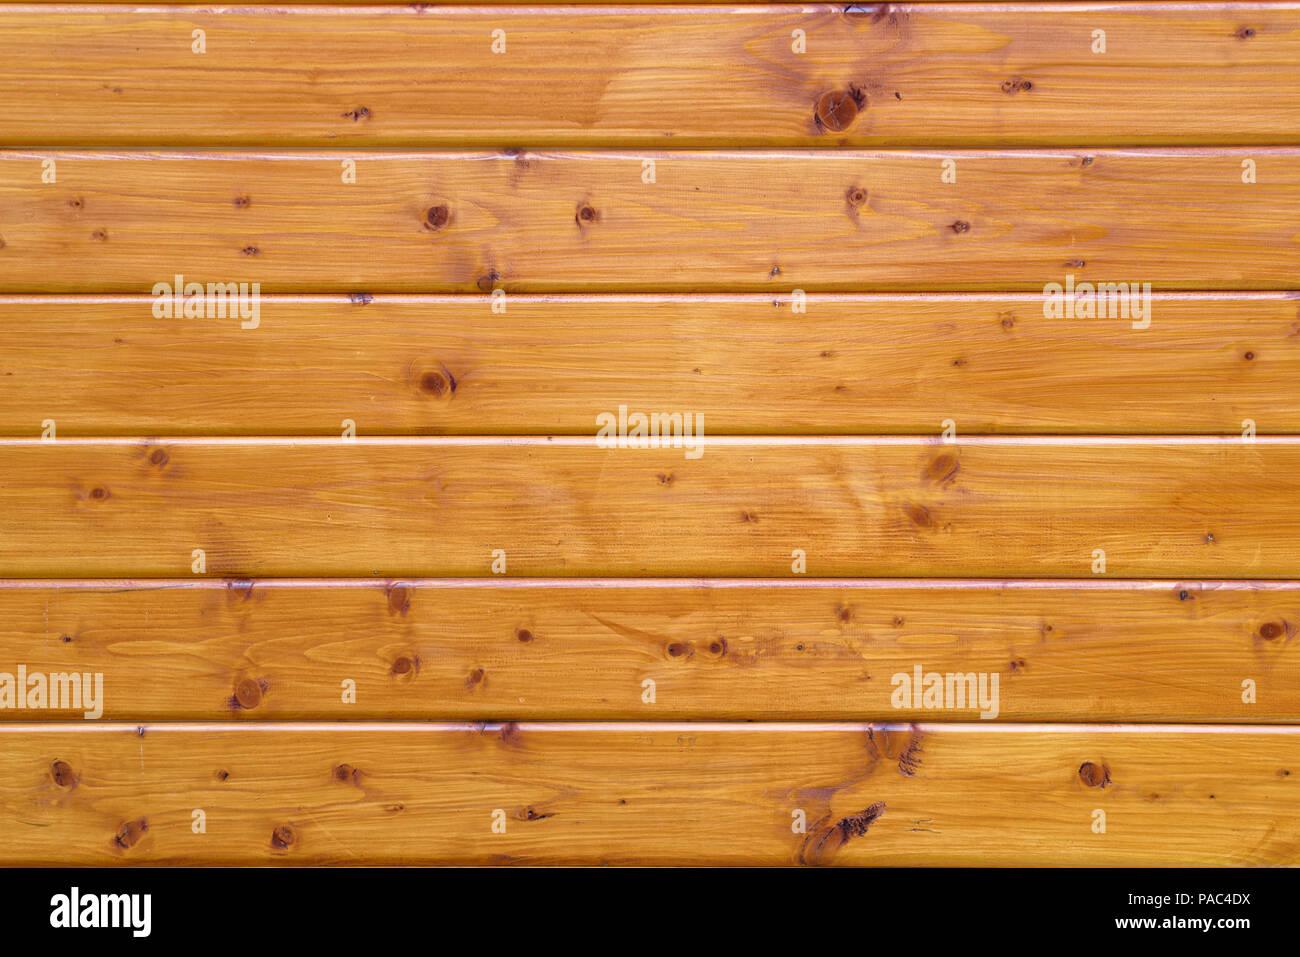 Hintergrund Holz Bretter Verglaste In Einem Teak Farben Stockfoto